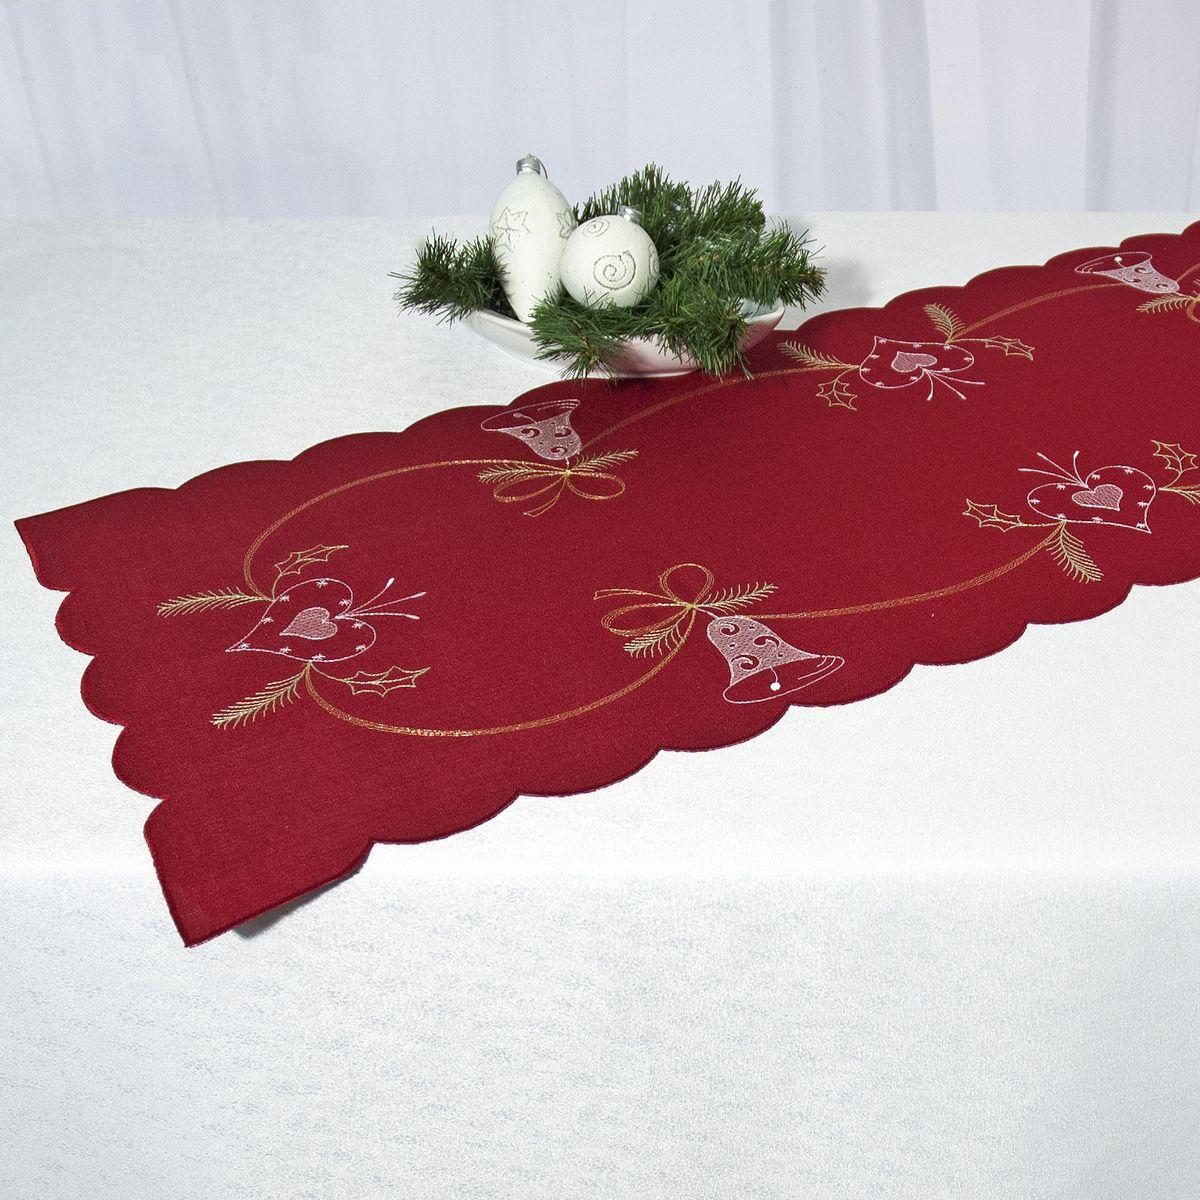 Дорожка для декорирования стола Schaefer, цвет: бордовый, 35 х 140 см 07666-230VT-1520(SR)Дорожка Schaefer, выполненная из полиэстера, станет изысканным украшением интерьера в преддверии Нового года. Изделие декорировано красиво обработанным волнистым краем и вышивкой с новогодними мотивами. Такую дорожку можно использовать для украшения комодов, тумб и столов. За текстилем из полиэстера очень легко ухаживать: он легко стирается, не мнется, не садится и быстро сохнет, более долговечен, чем текстиль из натуральных волокон.Такая дорожка изящно дополнит интерьер вашего дома.